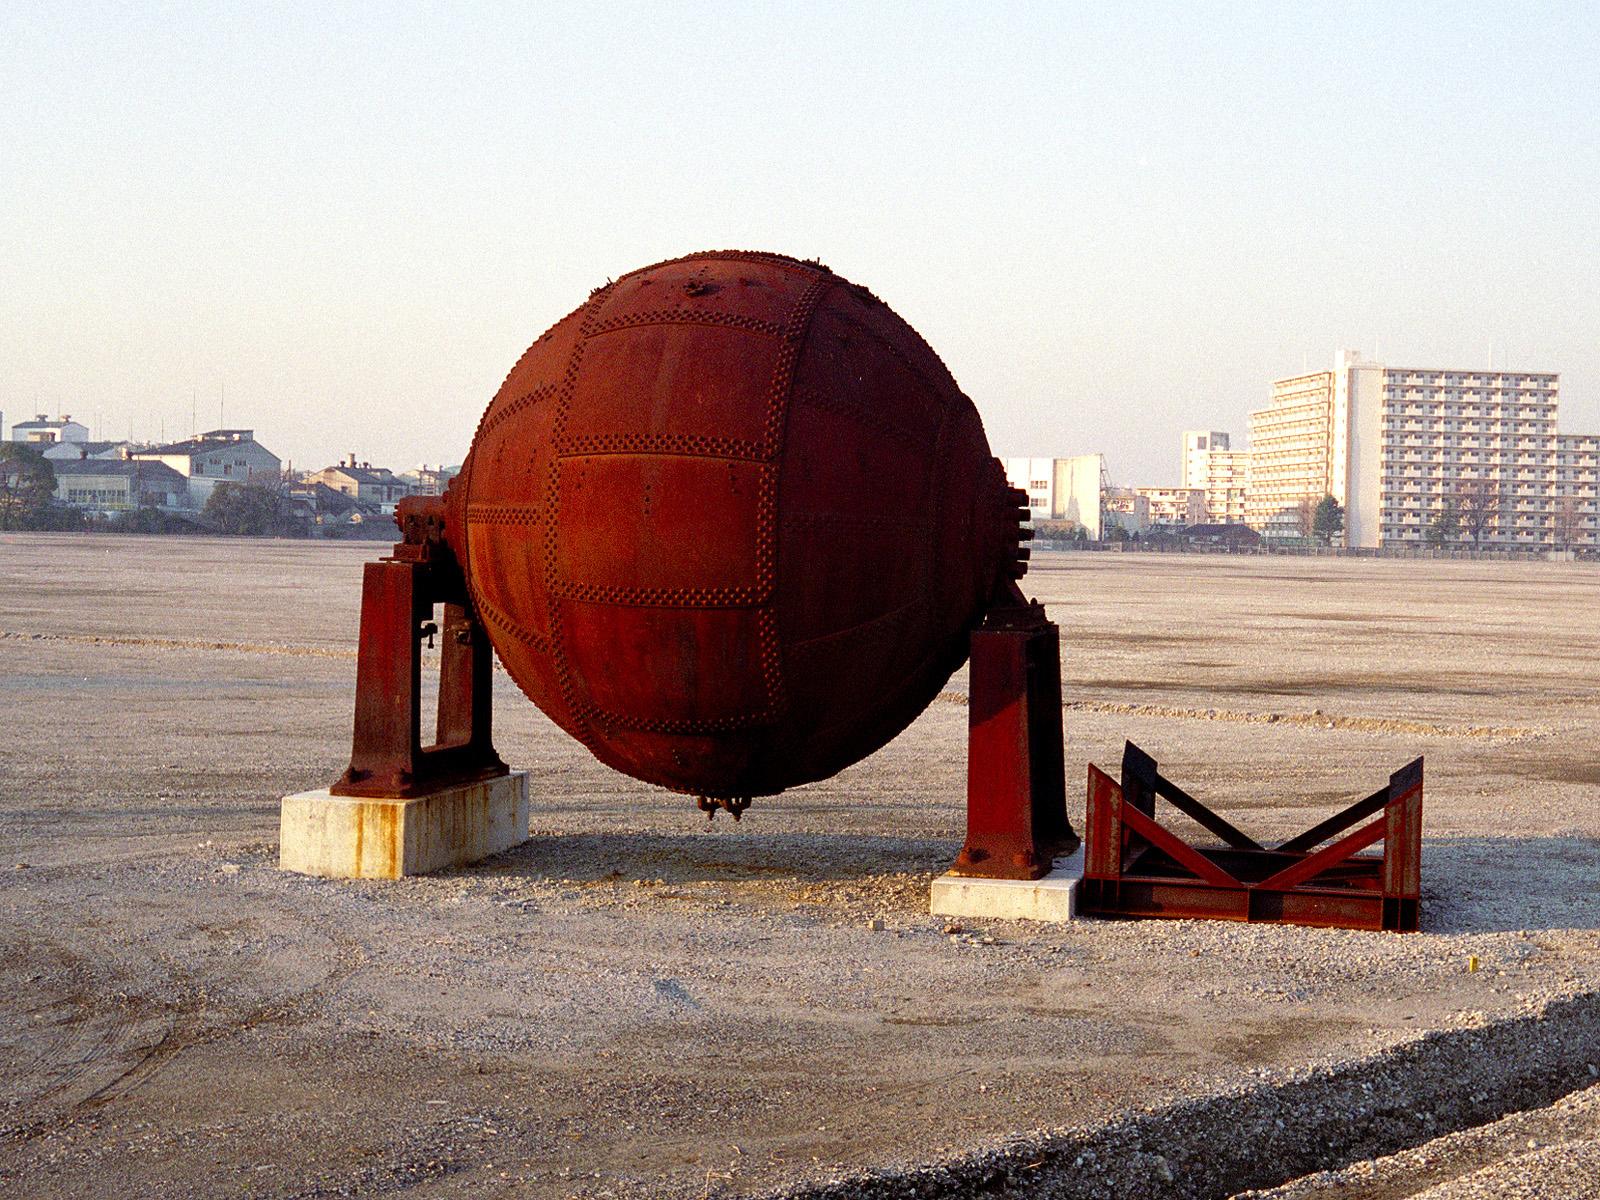 069_2 三菱製紙中川工場跡の「地球釜」 20050107(05.04.20)